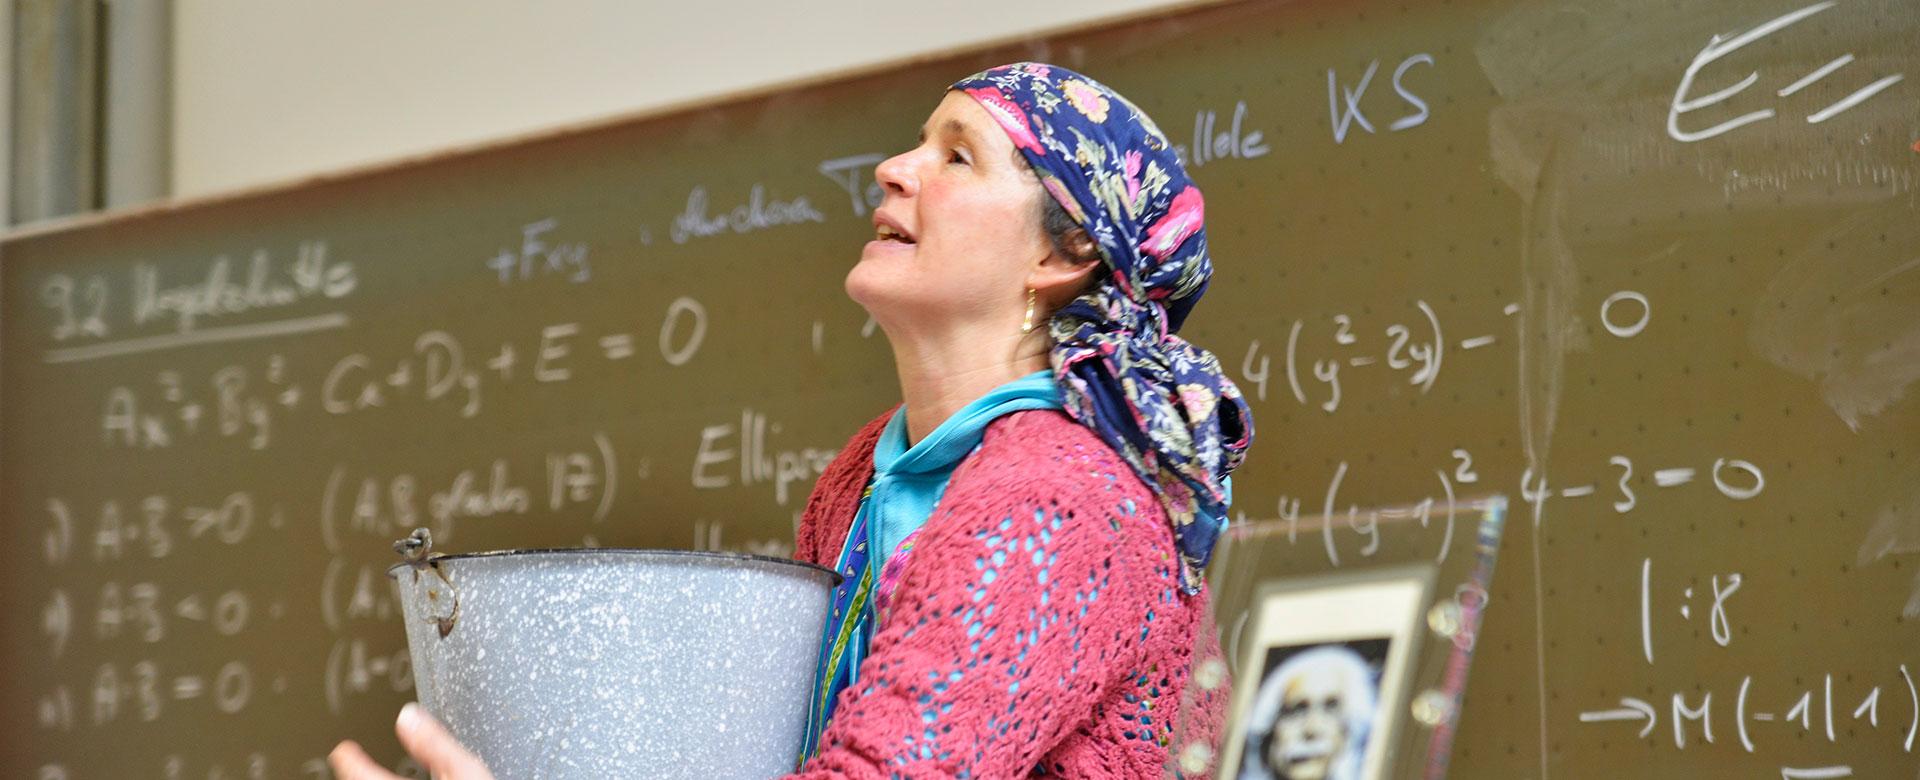 Erna Rational - Kabarett in Esslinger Hochschule